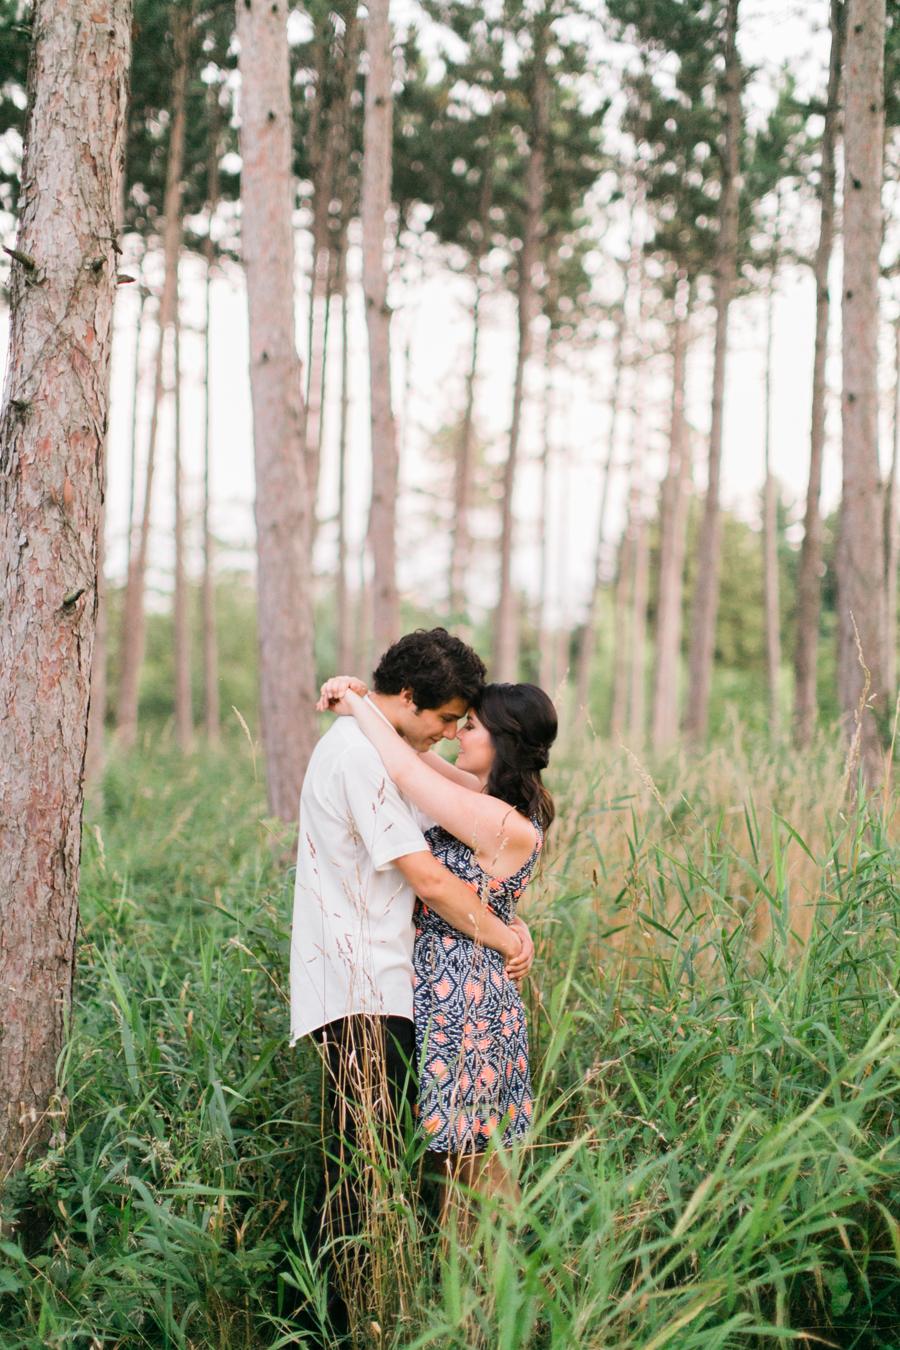 morton-arboretum-wedding-photo-006